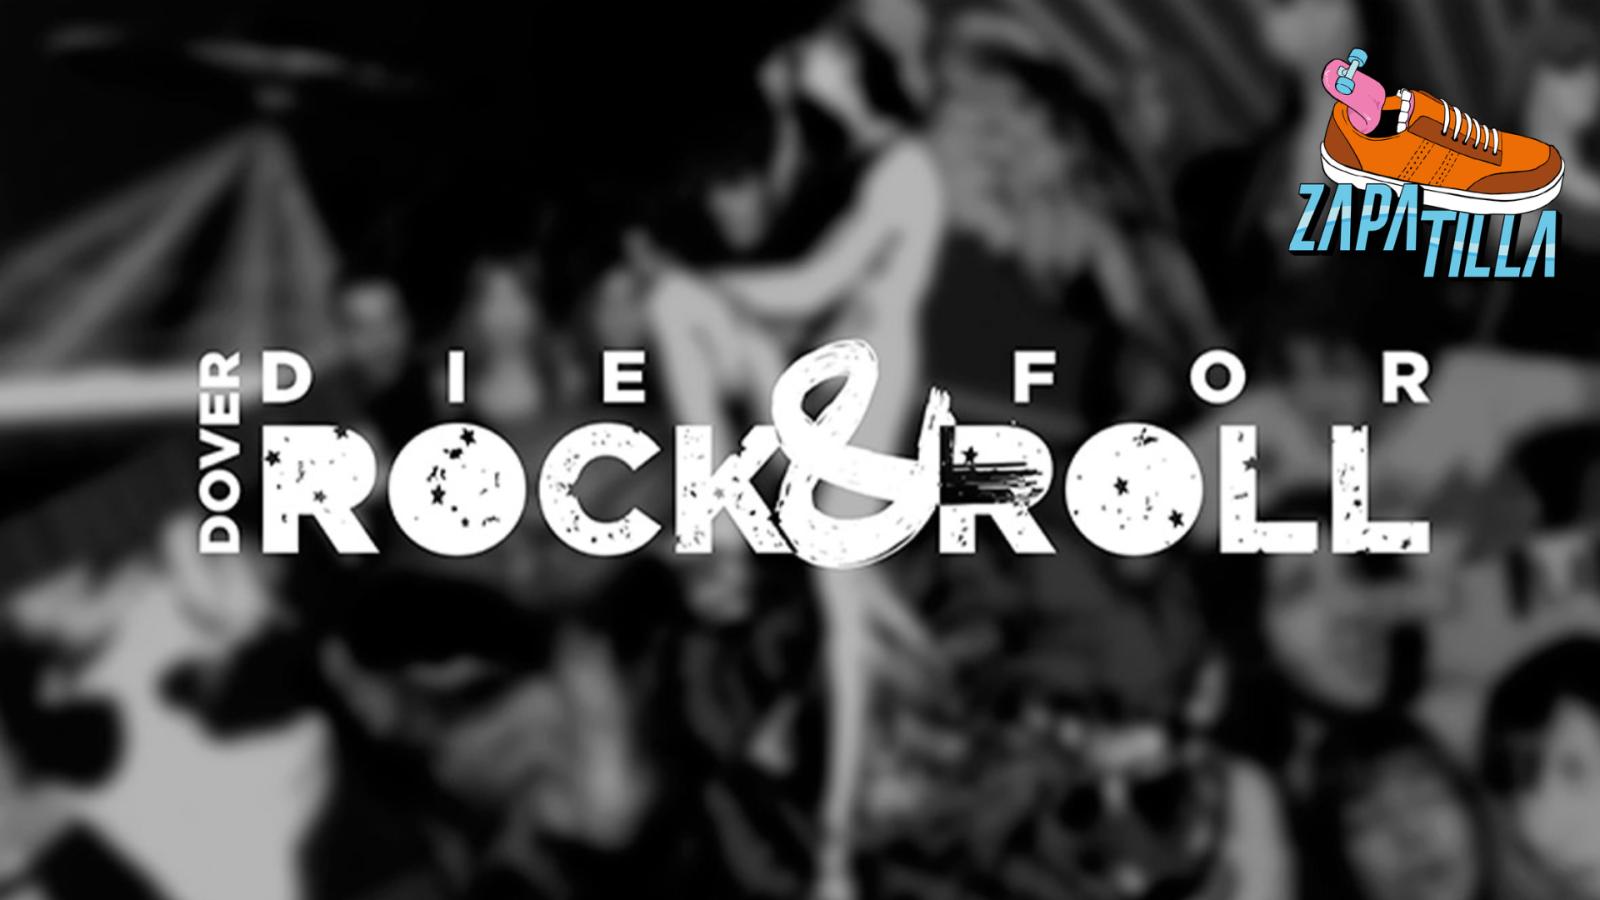 Zapatilla - Dover: Die for Rock'n'Roll - Ver ahora